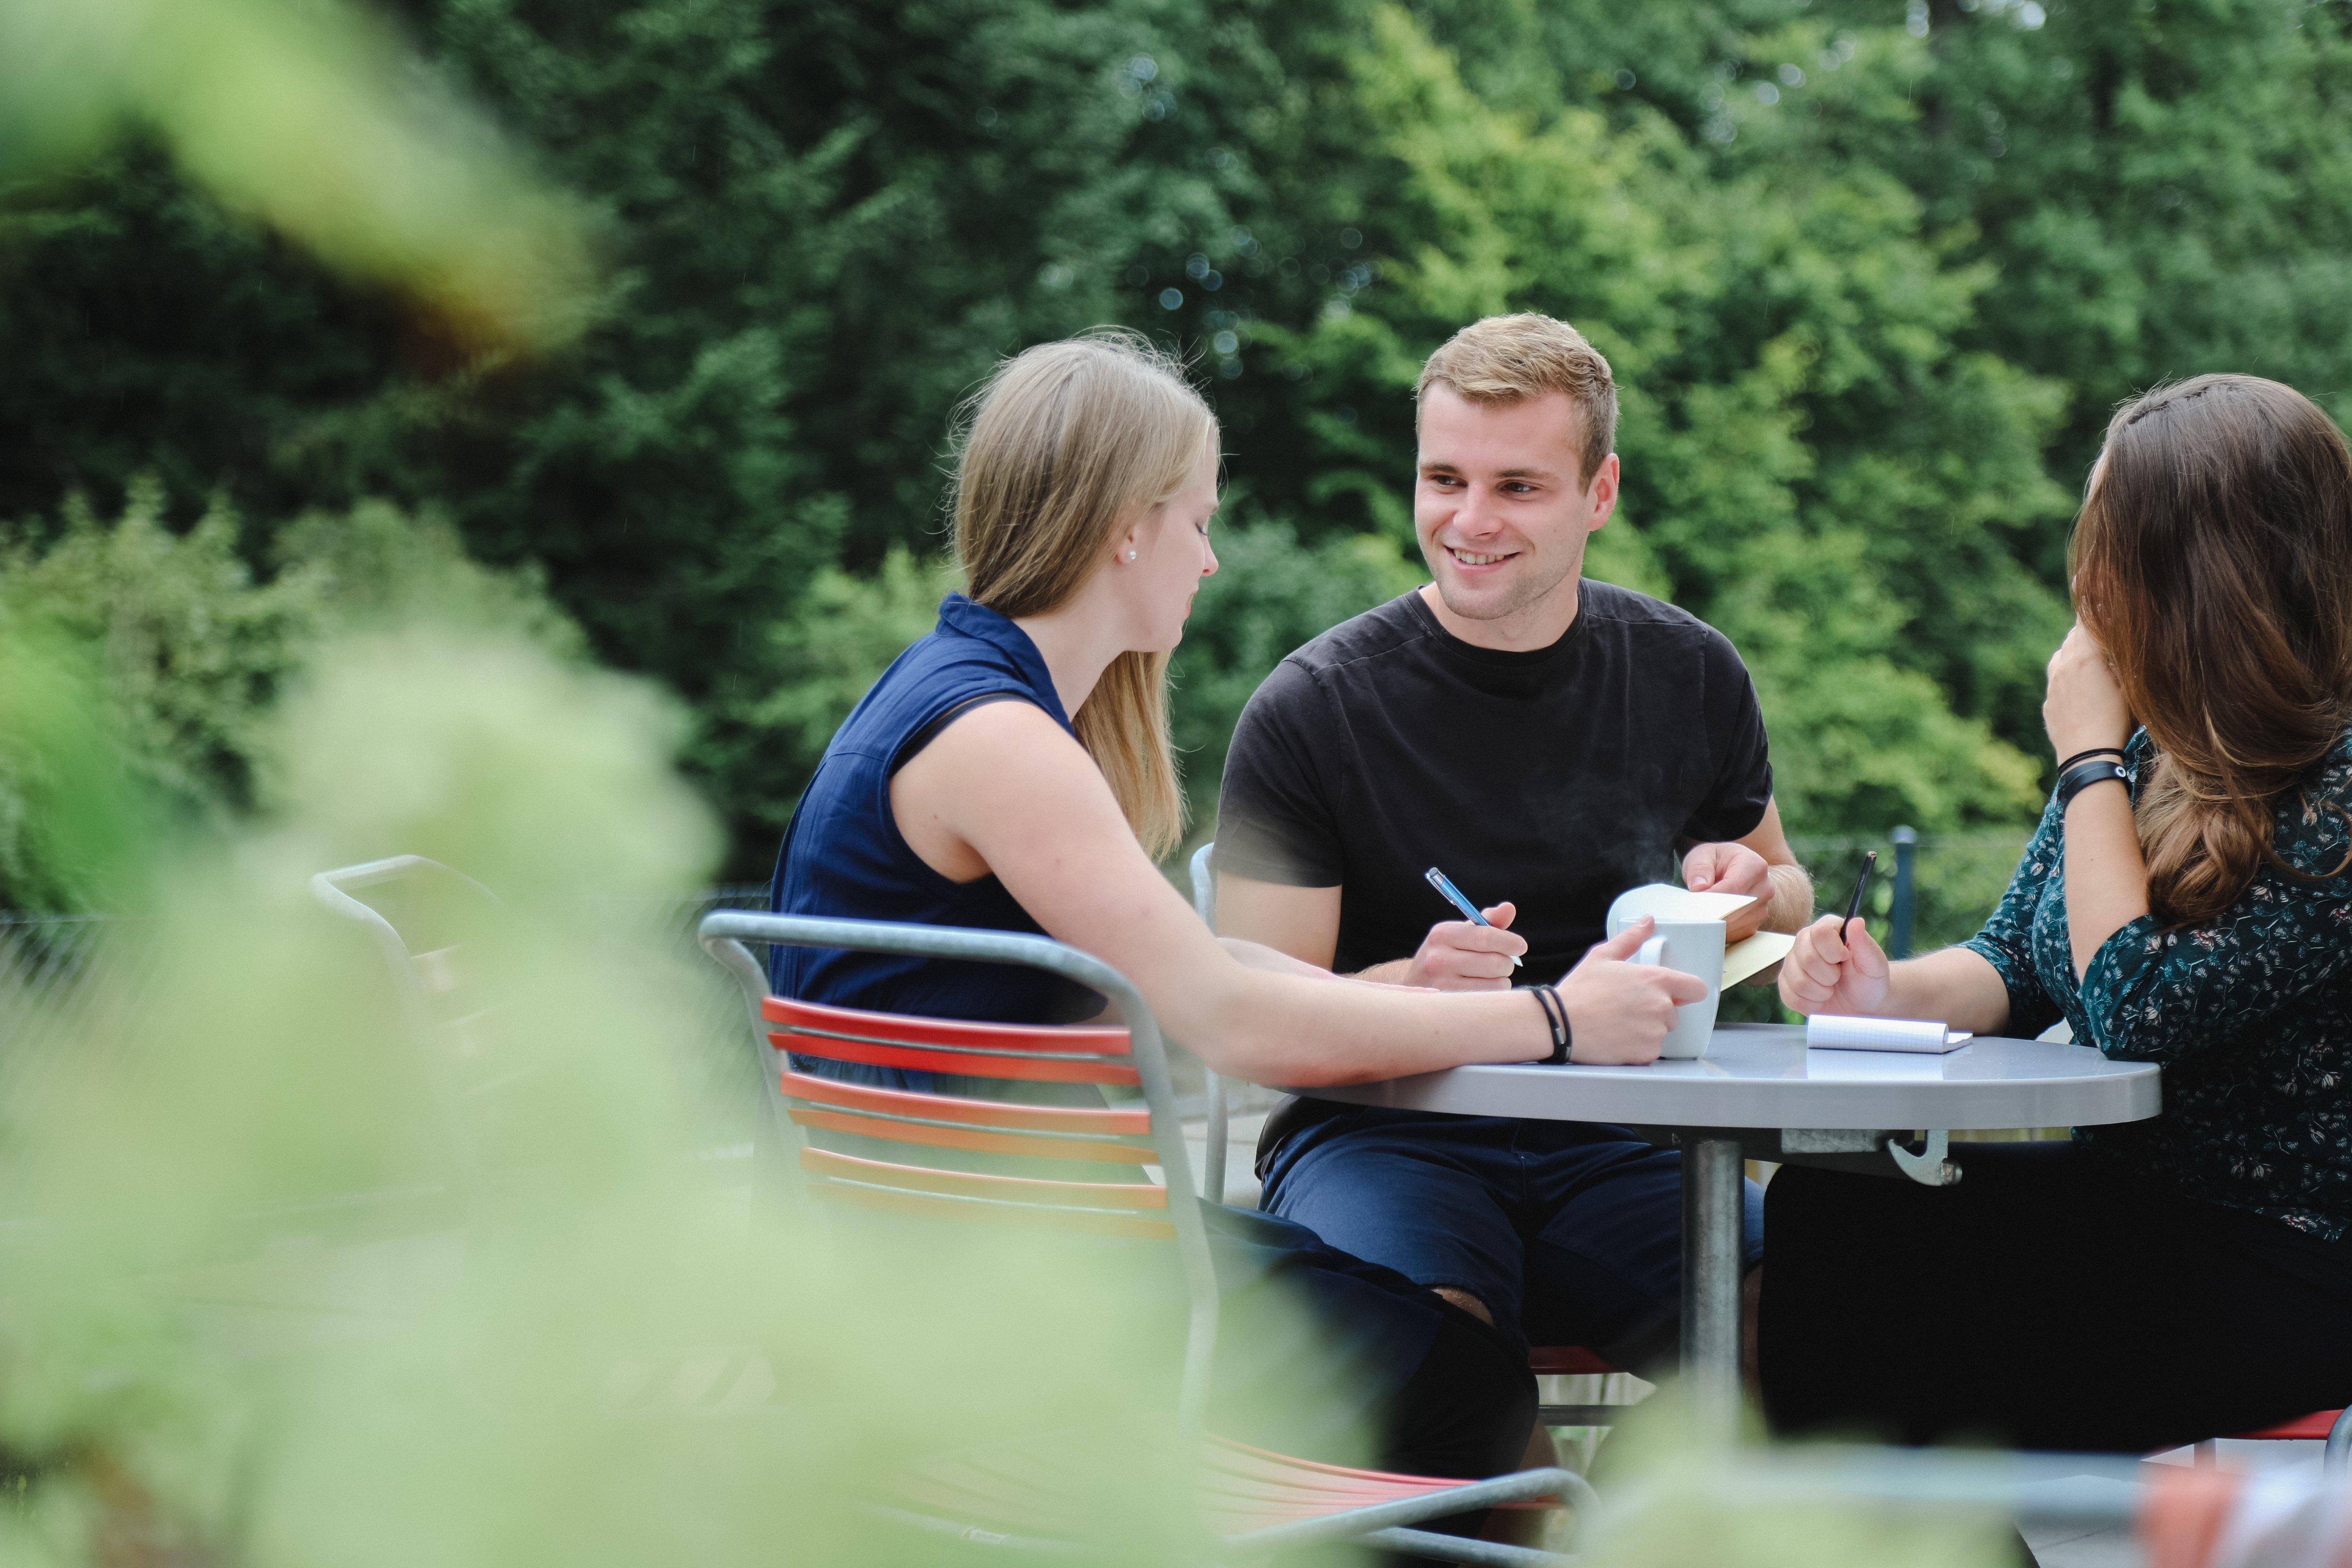 Lerngruppe aus tsc-Studierenden im Grünen (Foto: Lichtspiel, Adine Schweizer)